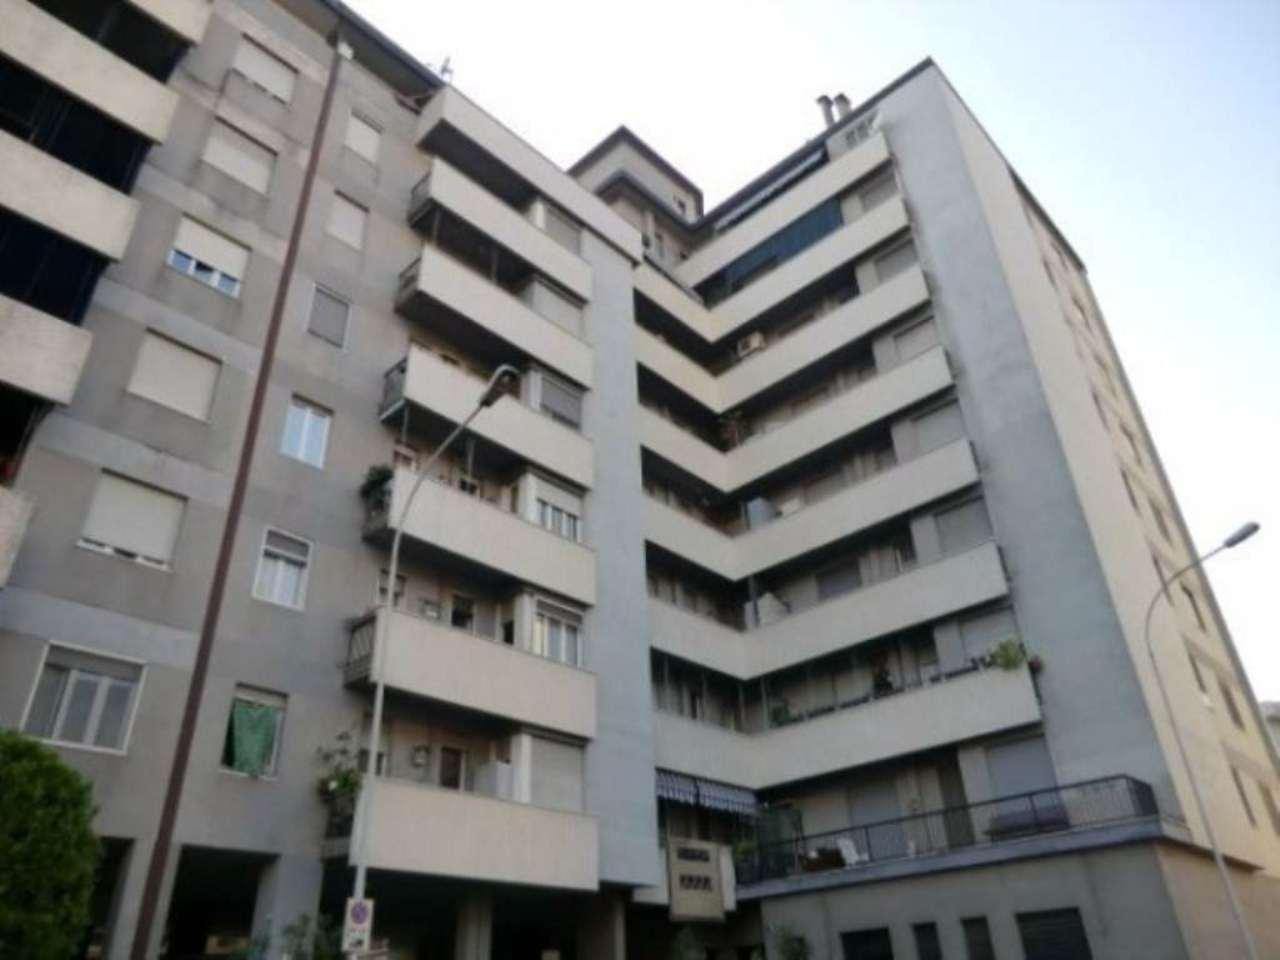 Appartamento in vendita a San Giuliano Milanese, 9999 locali, prezzo € 59.000 | Cambio Casa.it